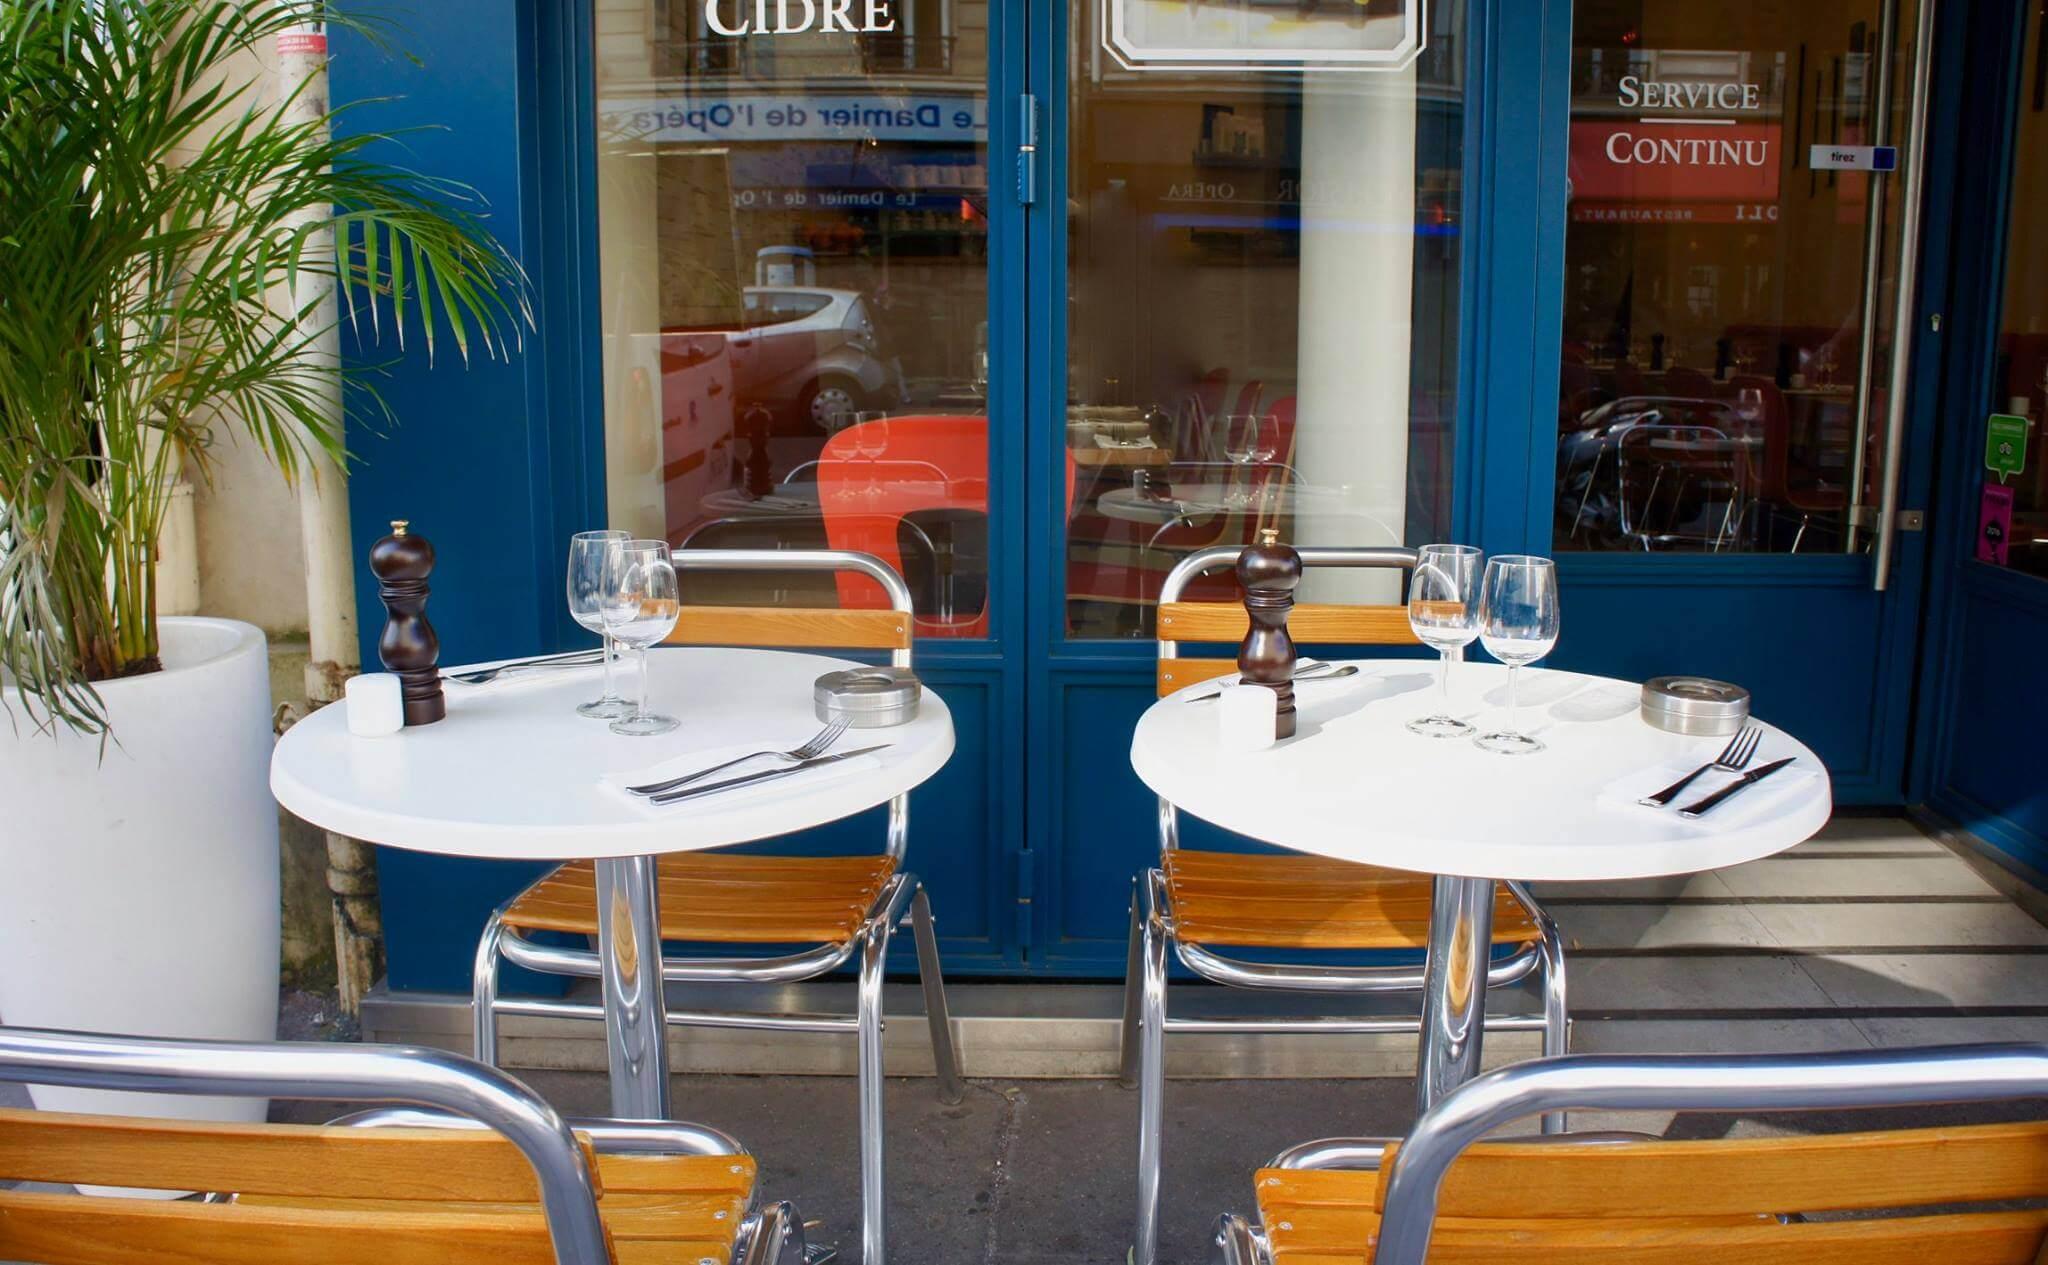 Ресторан Midi 12 в Париже